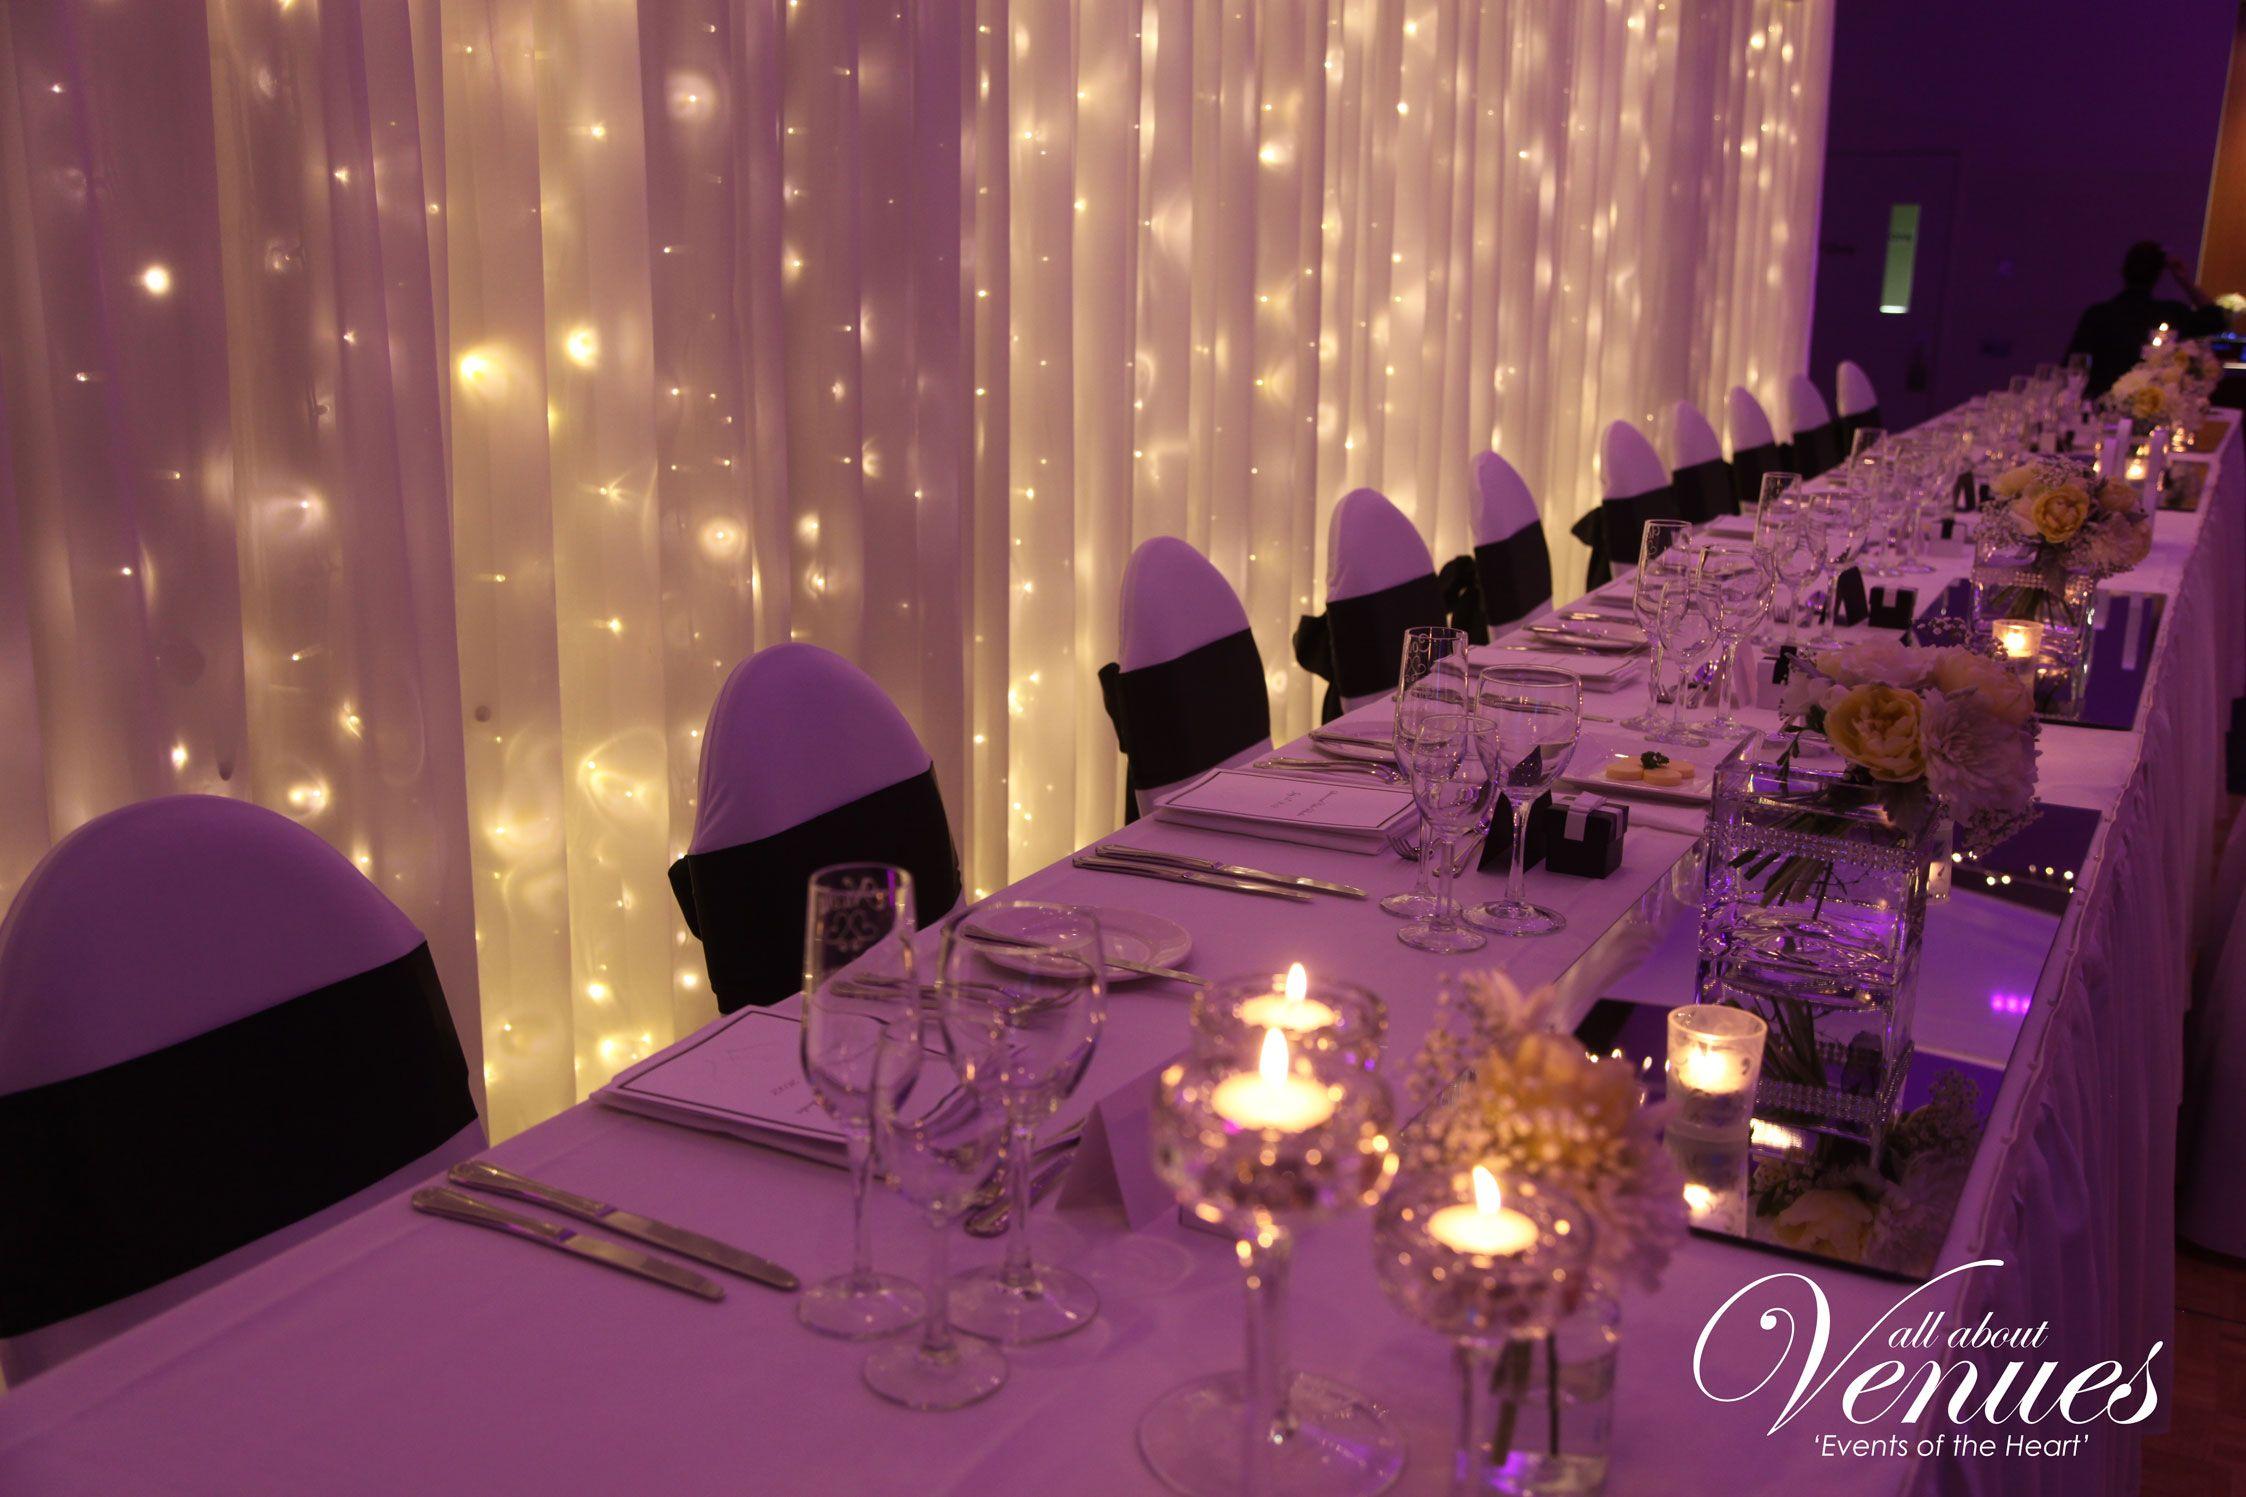 Wedding Decorators Gold Coastg 22461497 Pixels Sh Decor